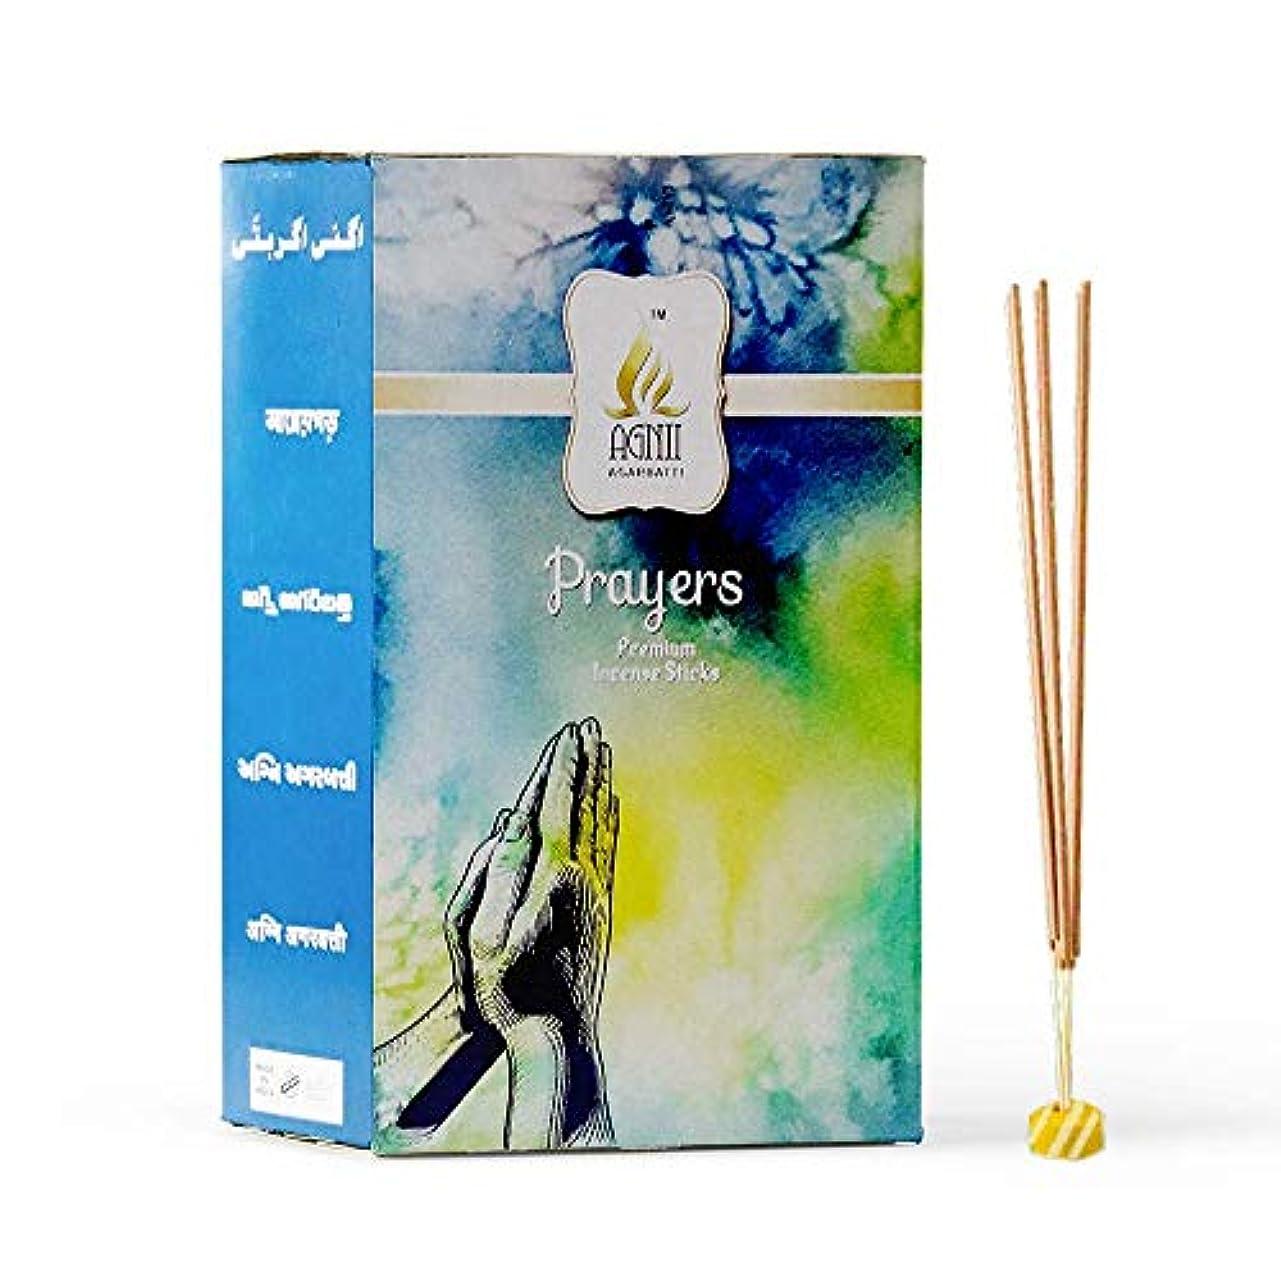 うるさいトチの実の木病気のAGNII AGARBATTI Prayers Incense Sticks (18 GRM_Brown) Pack of 12